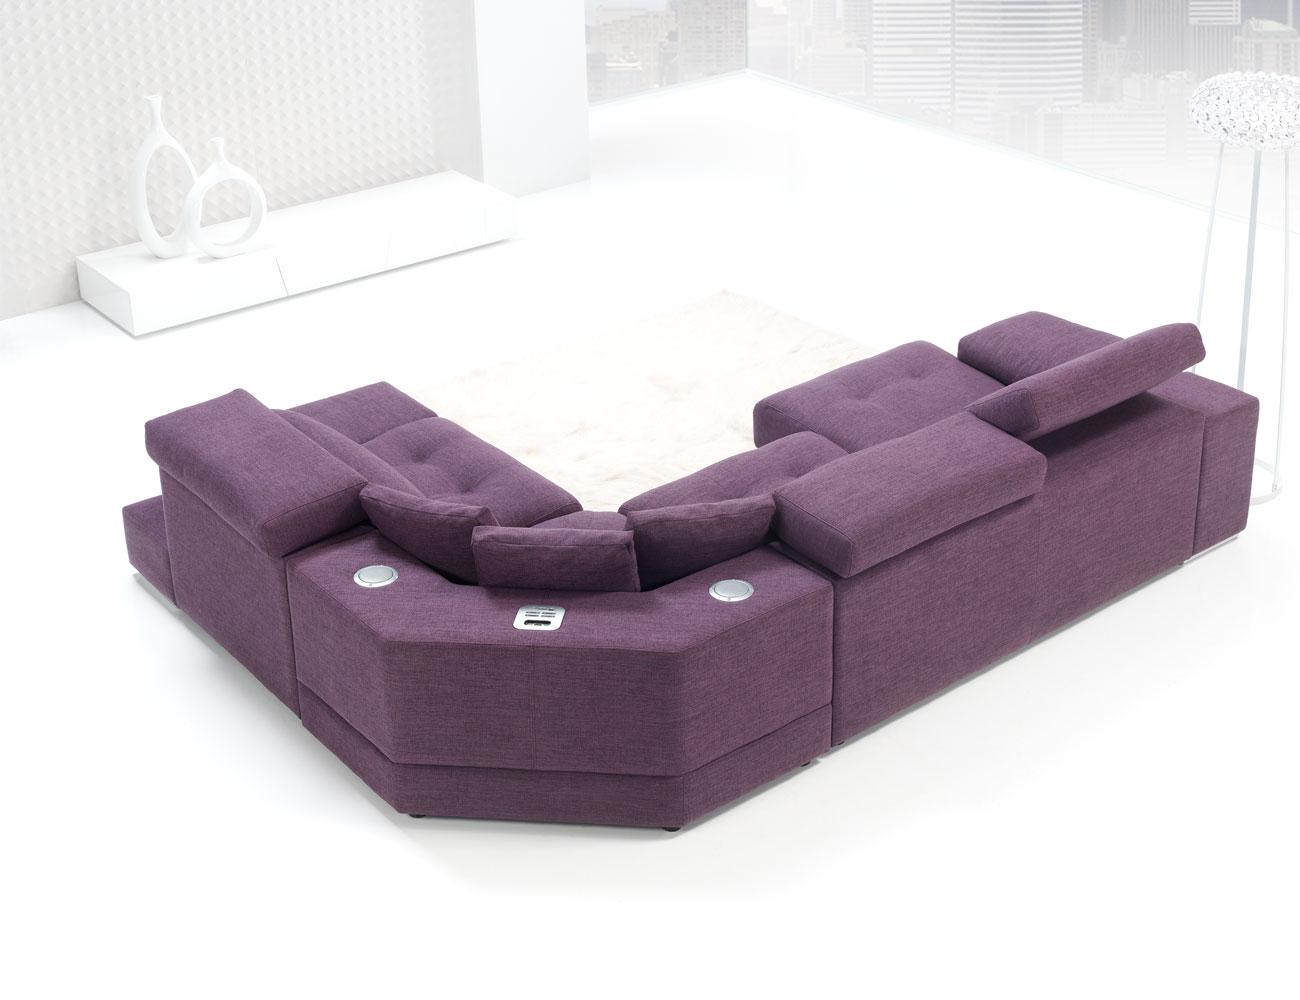 Sofa chaiselongue rincon con brazo mecanico tejido anti manchas 318